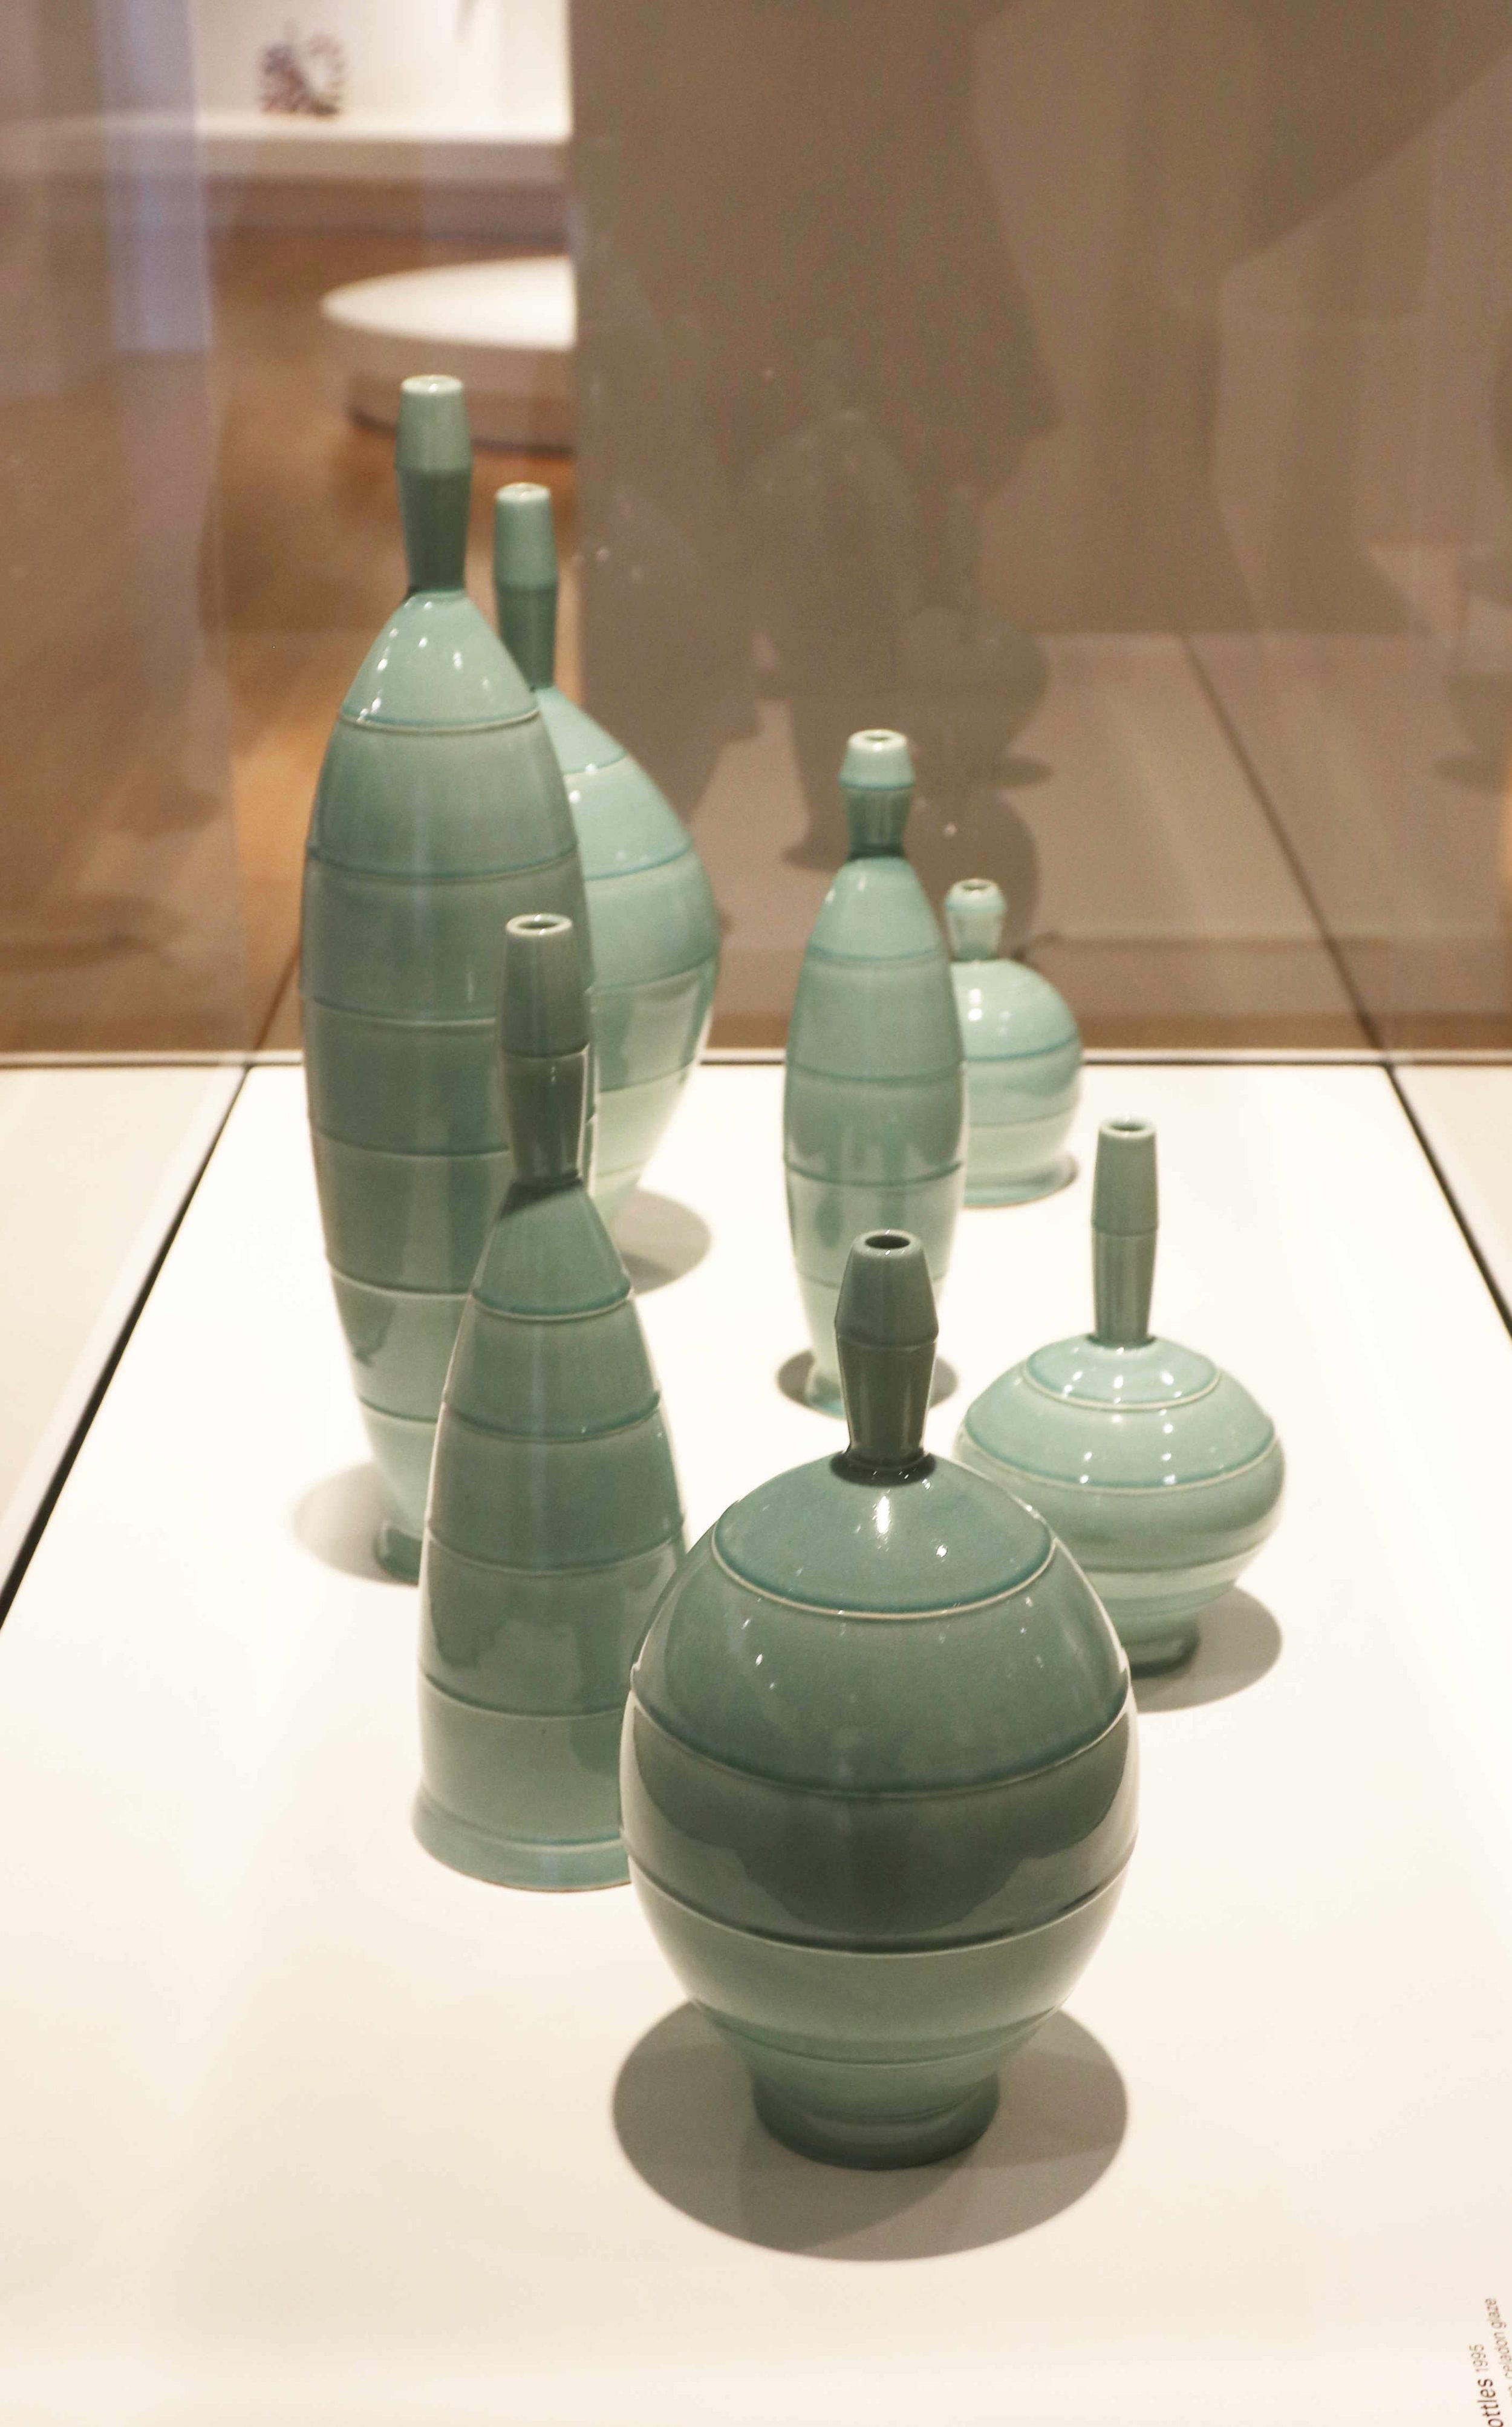 Michael Sherrill, Aqua Bottles, 1995. White Stoneware, celadon glaze.